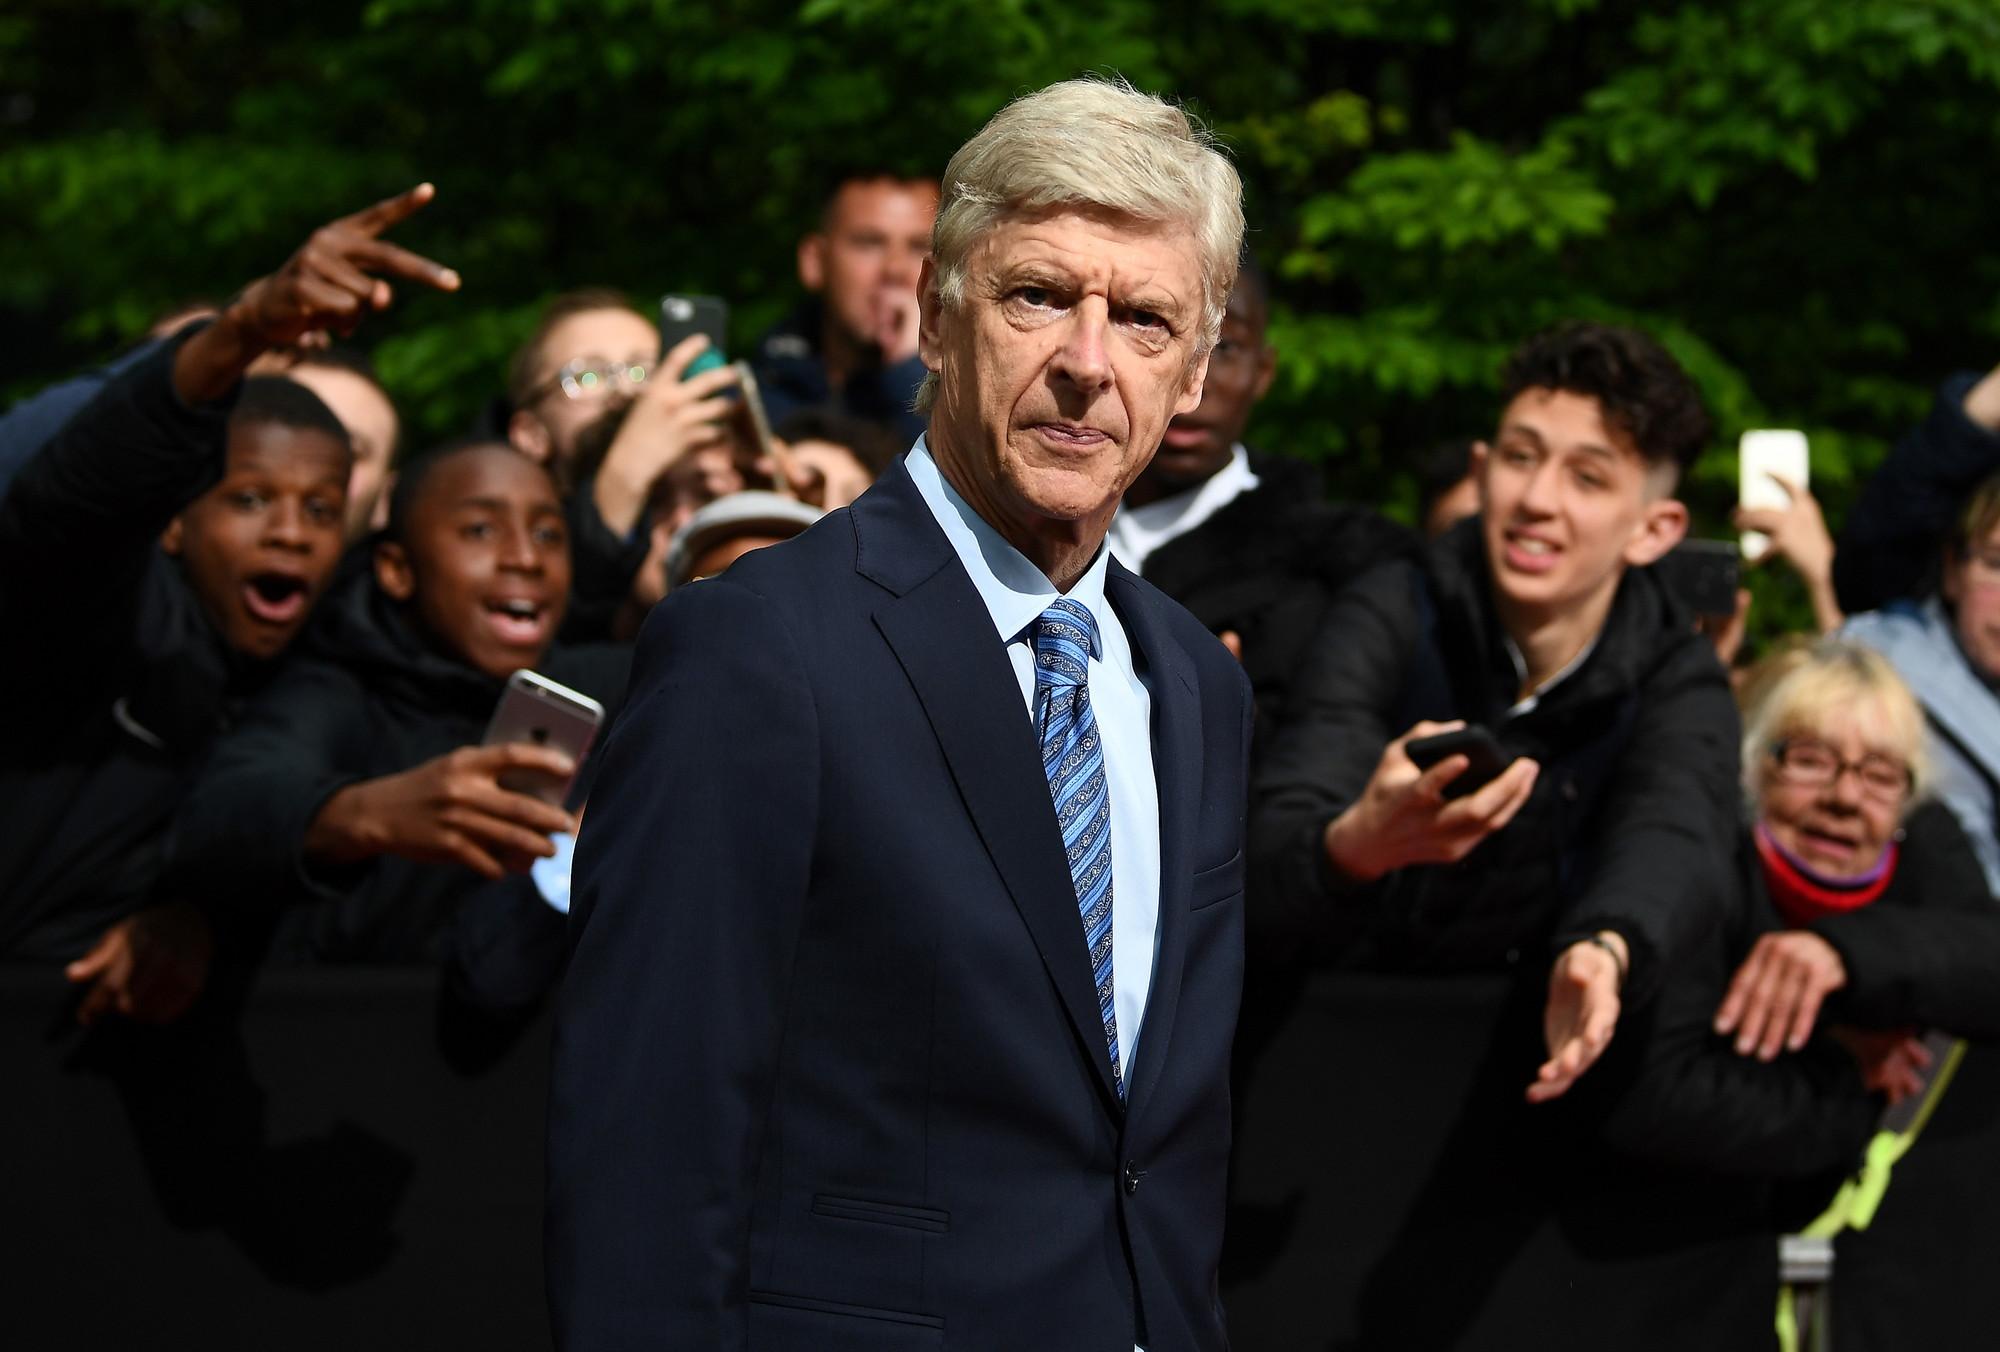 6) Arsene Wenger: 898 milioni di euro, Aubameyang-Arsenal colpo più costoso (65 milioni)